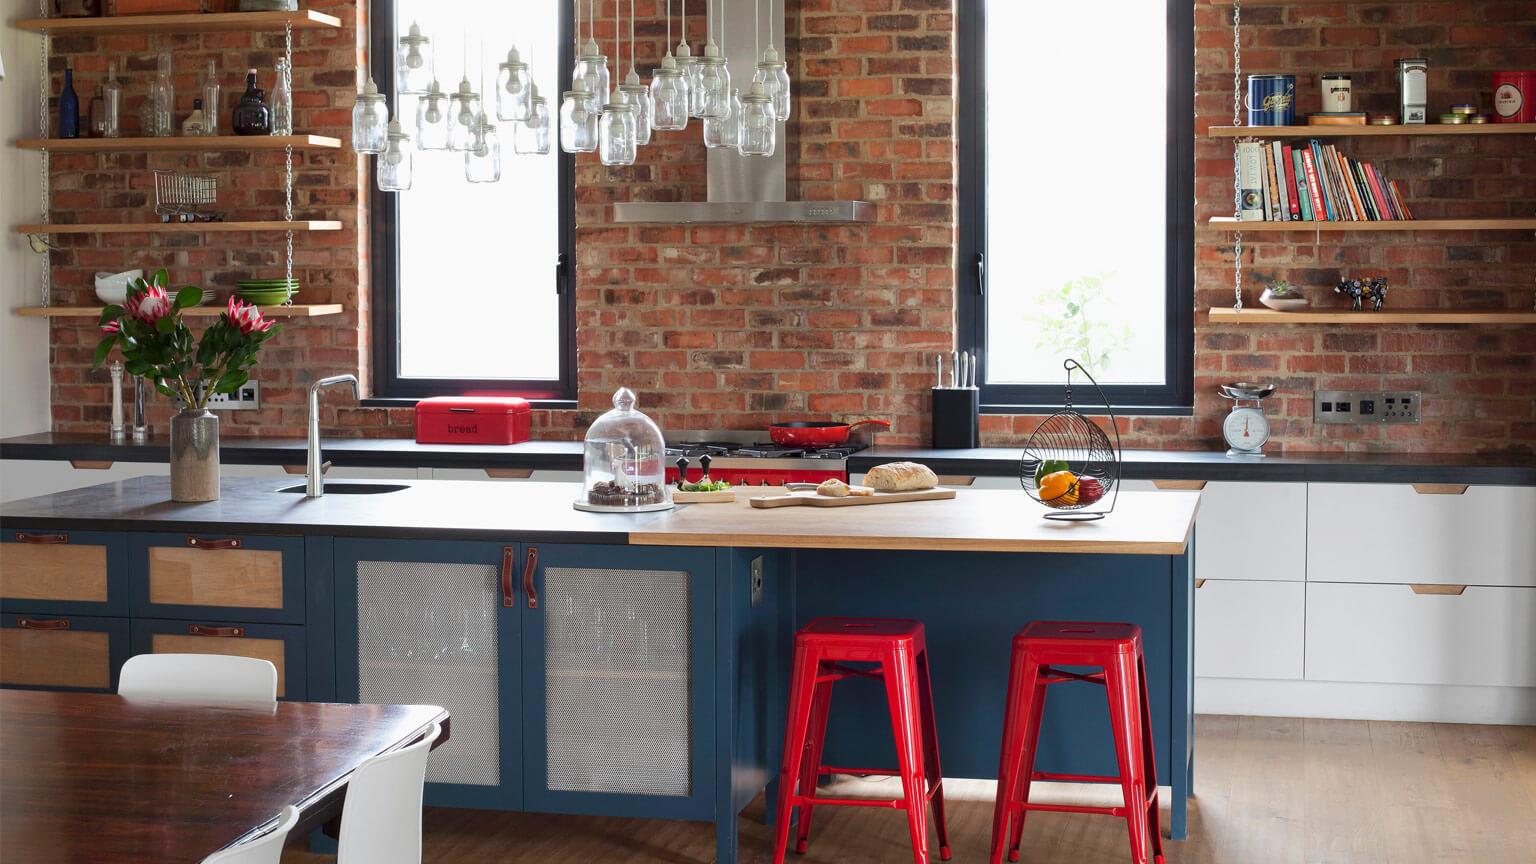 Full Size of Kreidetafel Küche Kaufen Kreidetafel Küche Obi Kreidetafel Mit Magnet Für Küche Schwarze Kreidetafel Küche Küche Kreidetafel Küche